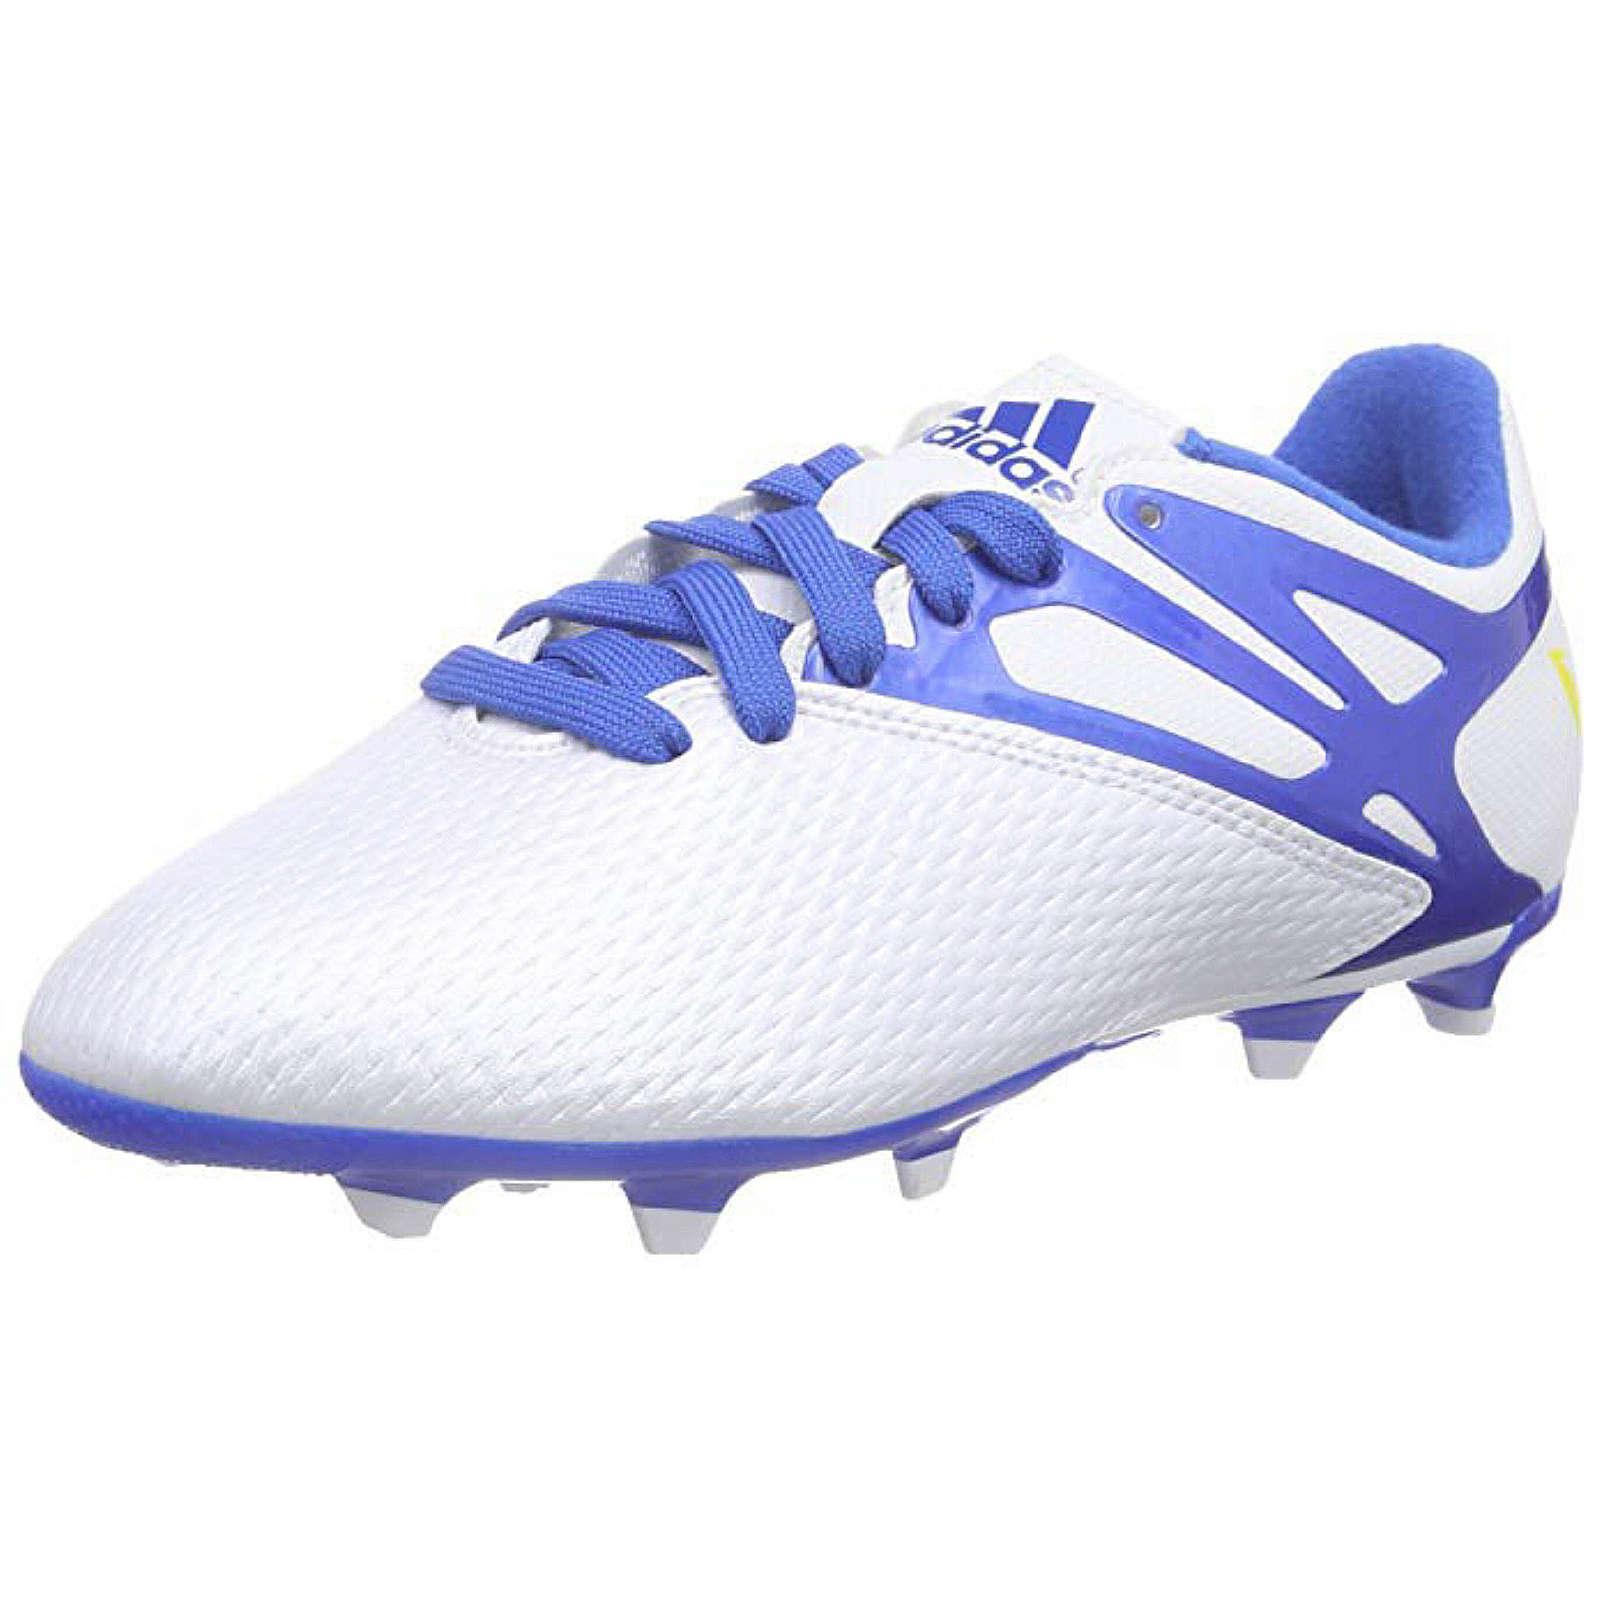 Adidas NEO Fußballschuh Messi 15.3 FG/AG Junior Fußballschuhe für Kinder weiß Gr. 15,5